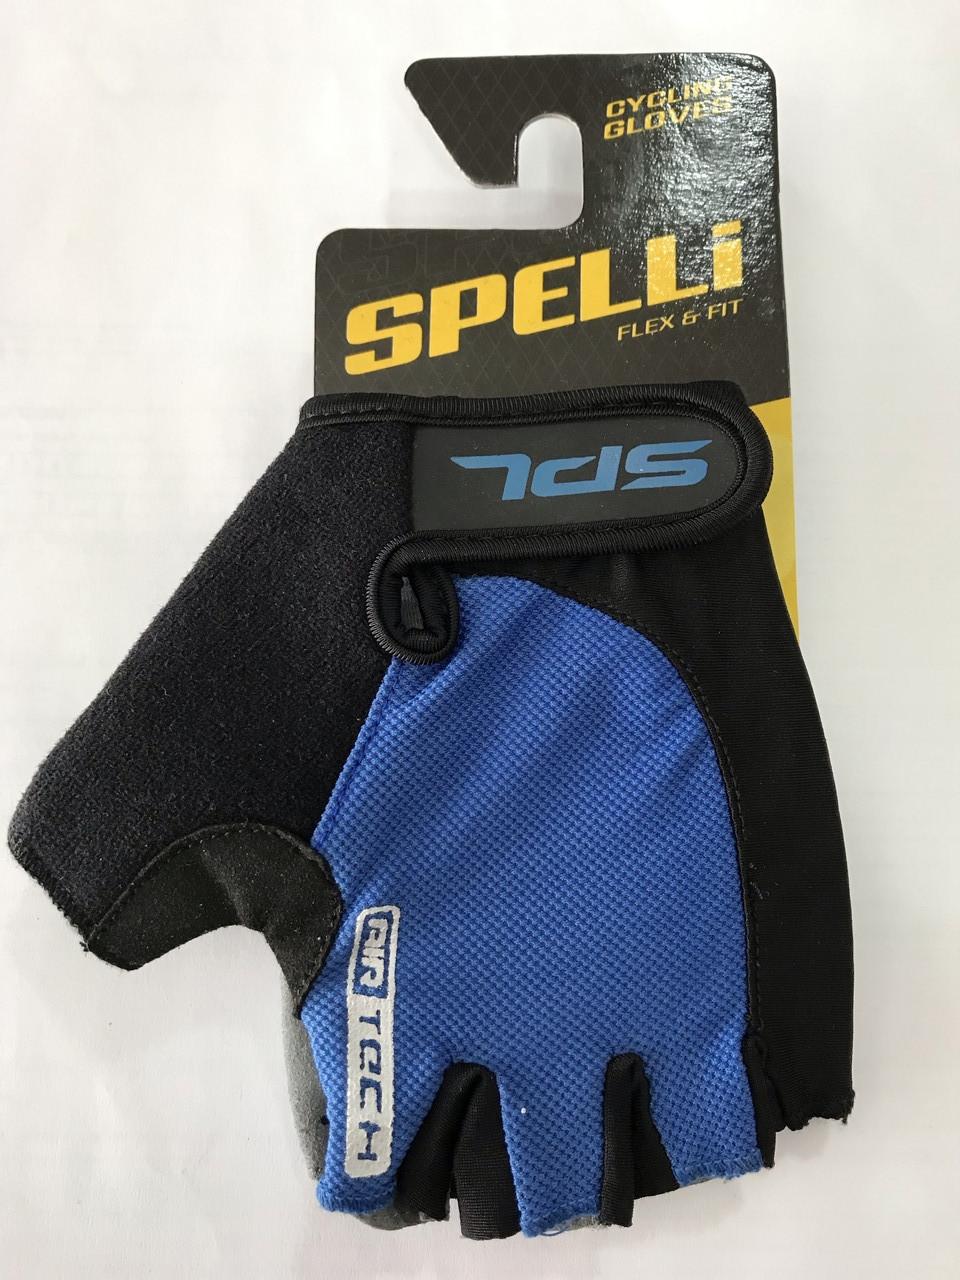 Перчатки без пальцев с гелевыми вставками под ладонь SBG-1457 размер XL (408092)